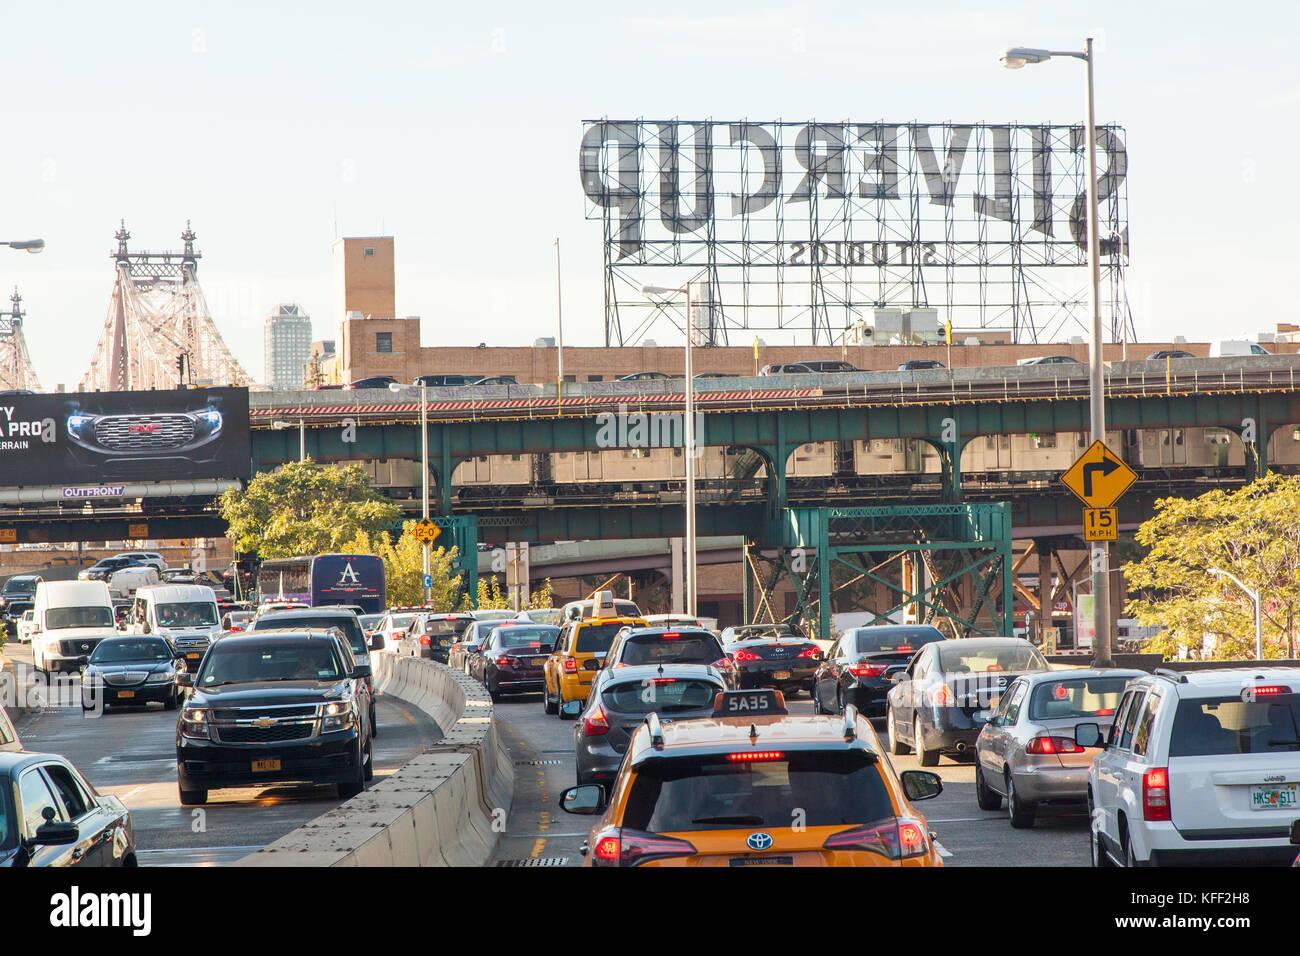 Aeroporto York : Rubrica do atolamento de tráfego em nova york do aeroporto jfk nova